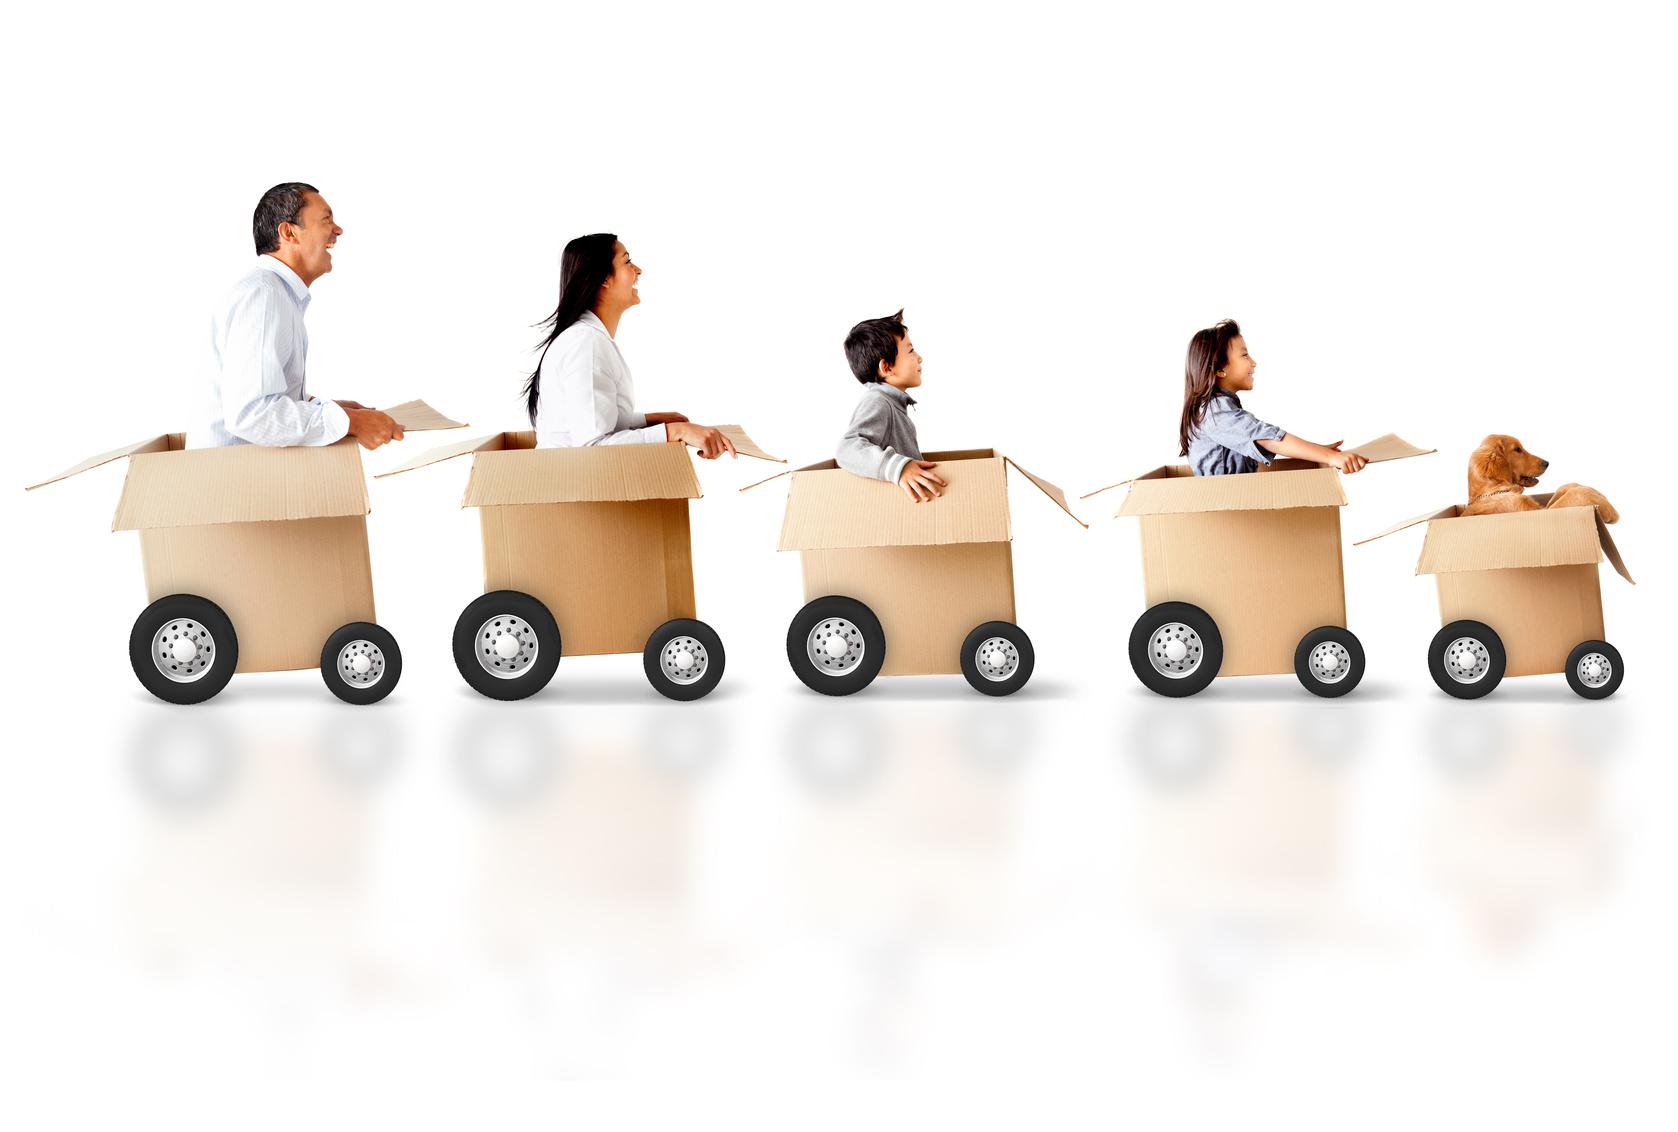 trasferimento: famiglie che cambiano città